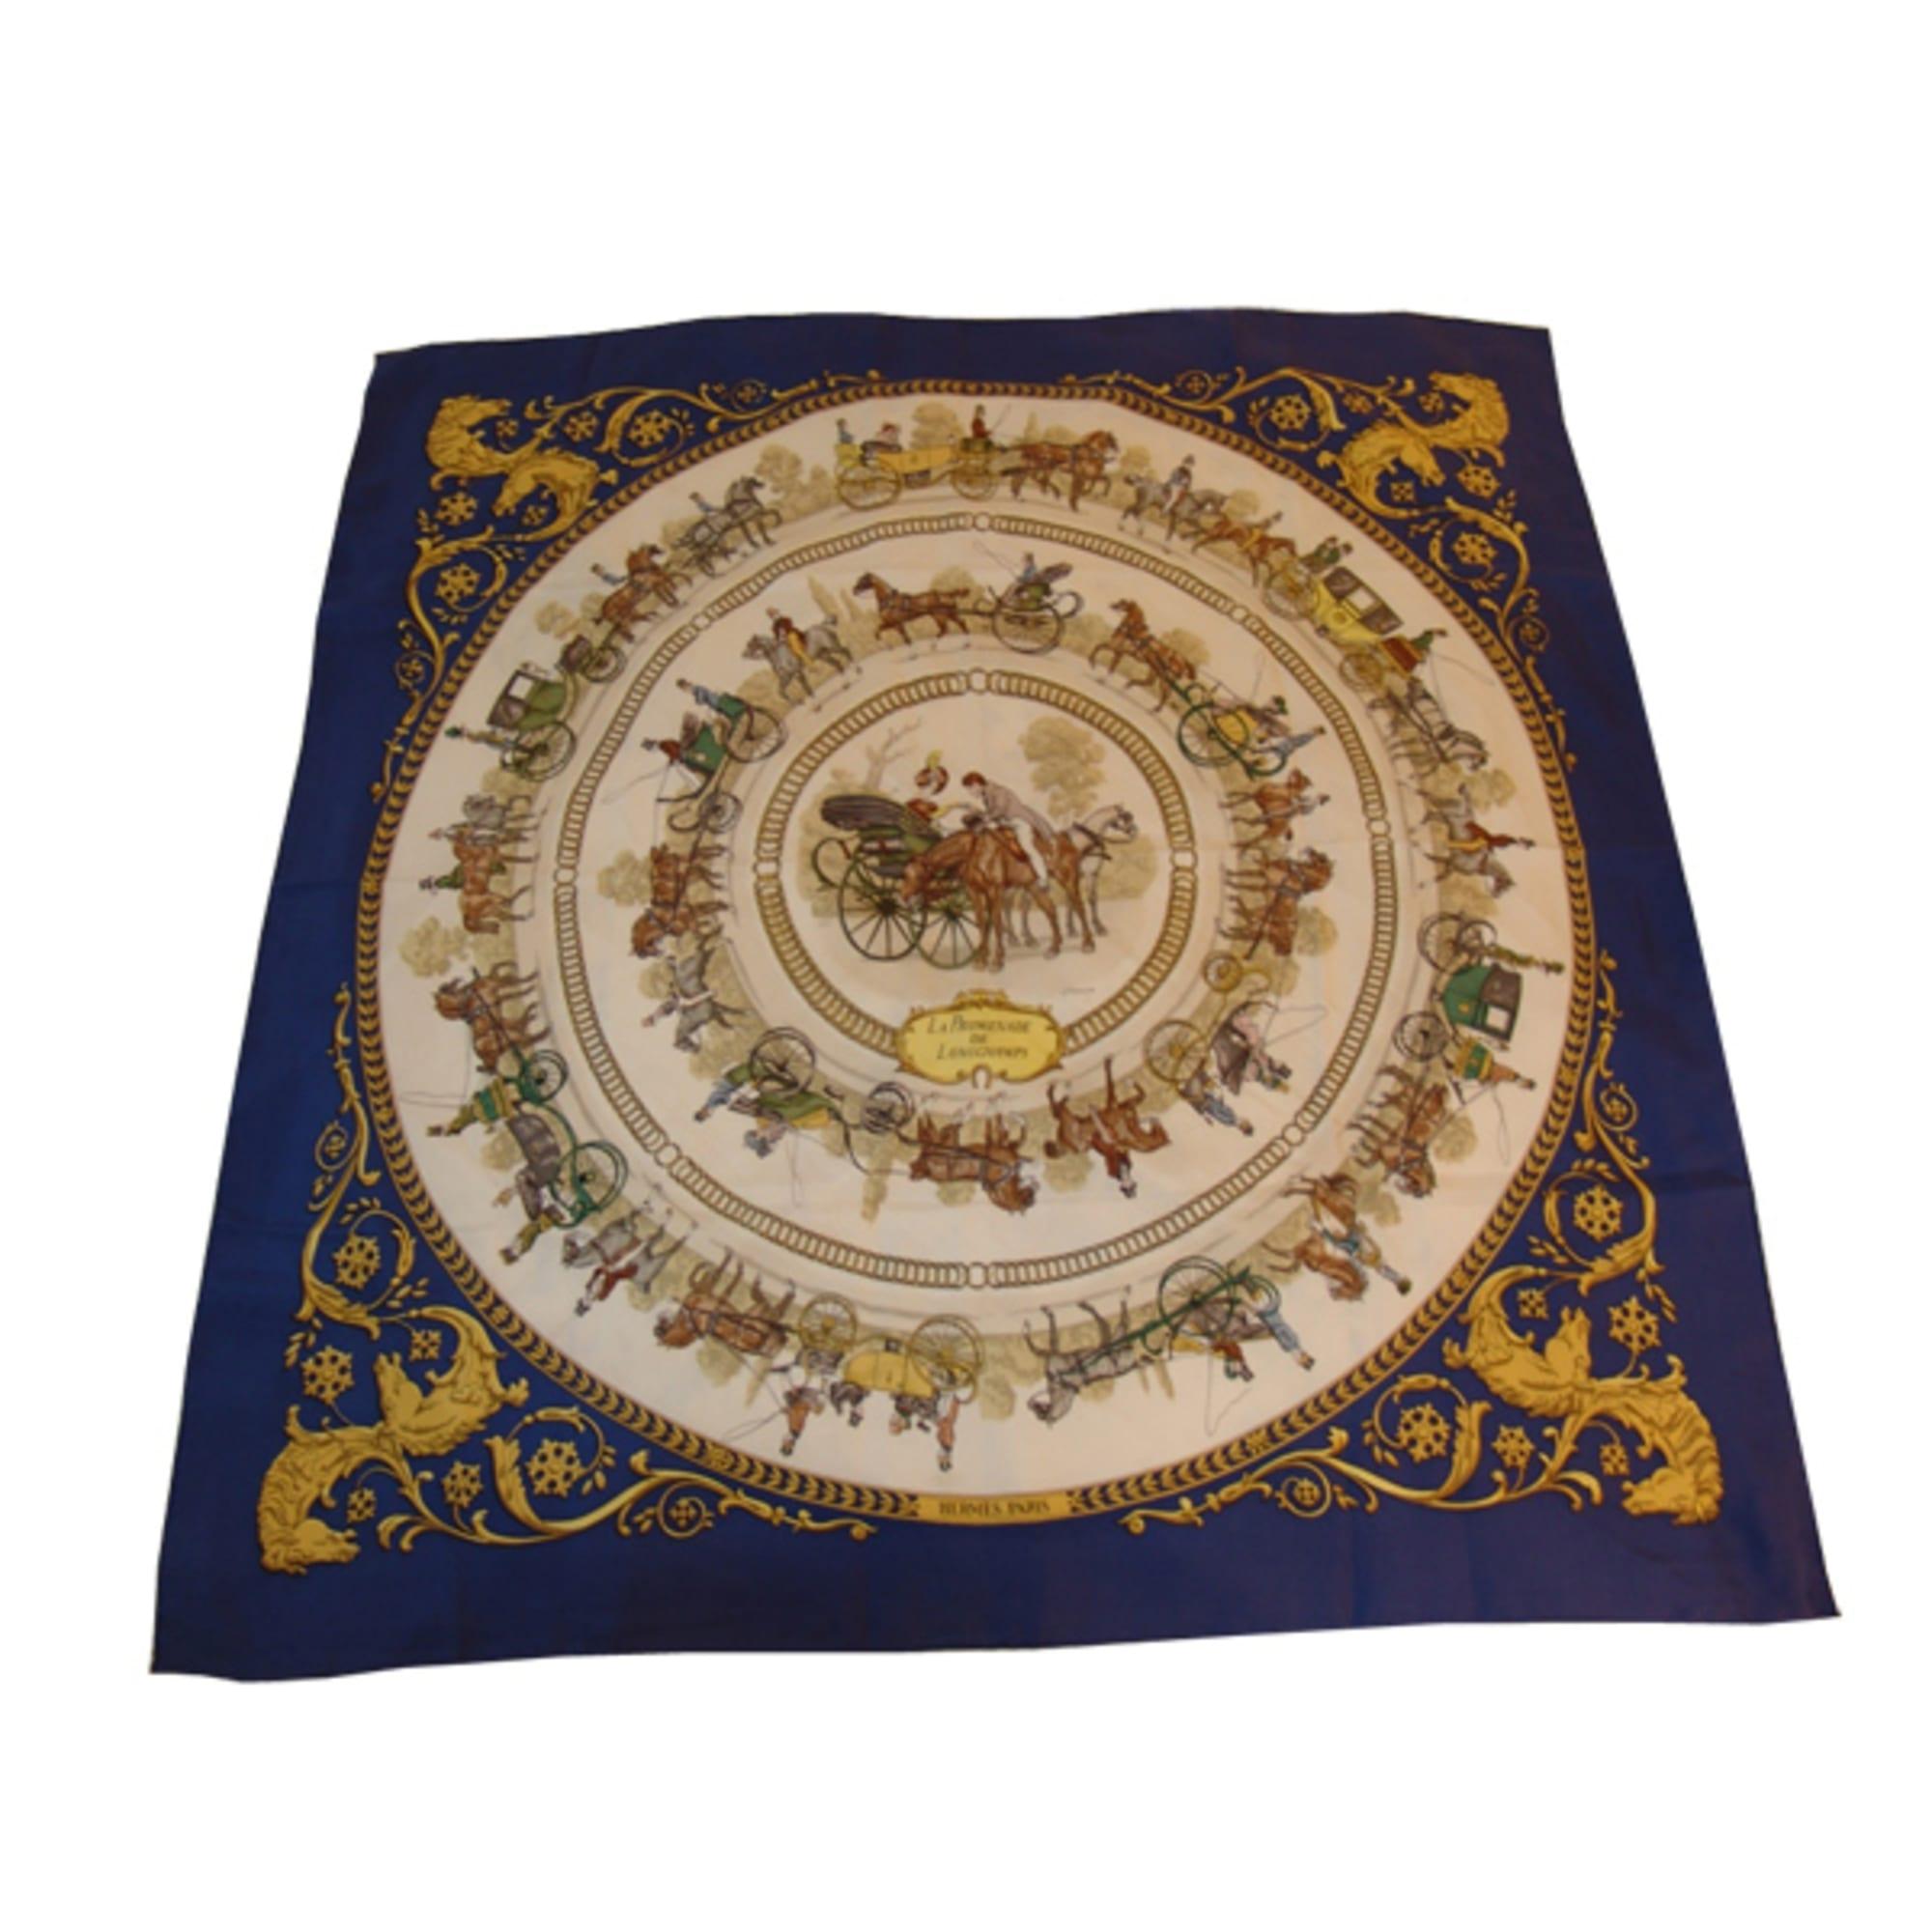 Foulard HERMÈS multicouleur vendu par D annabelle 5135064 - 1479539 31496c70157